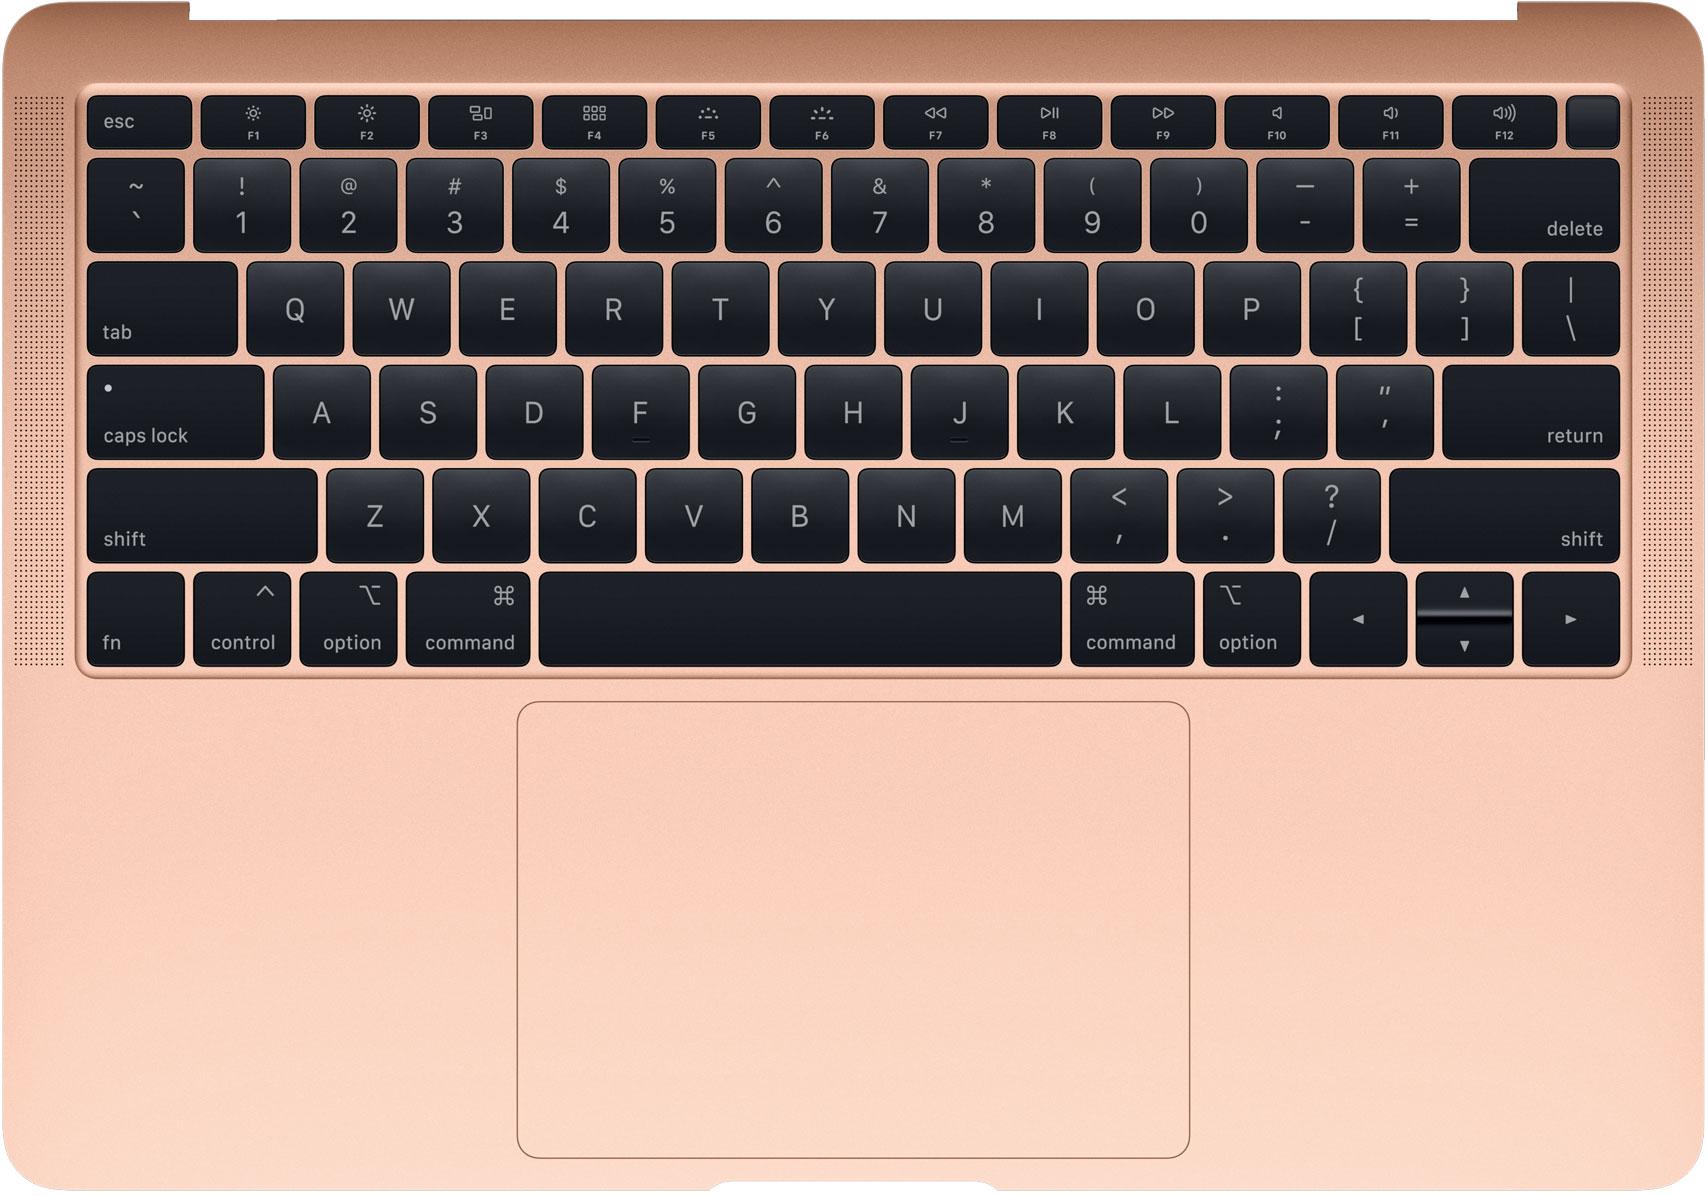 Teclado del nuevo MacBook Air Retina